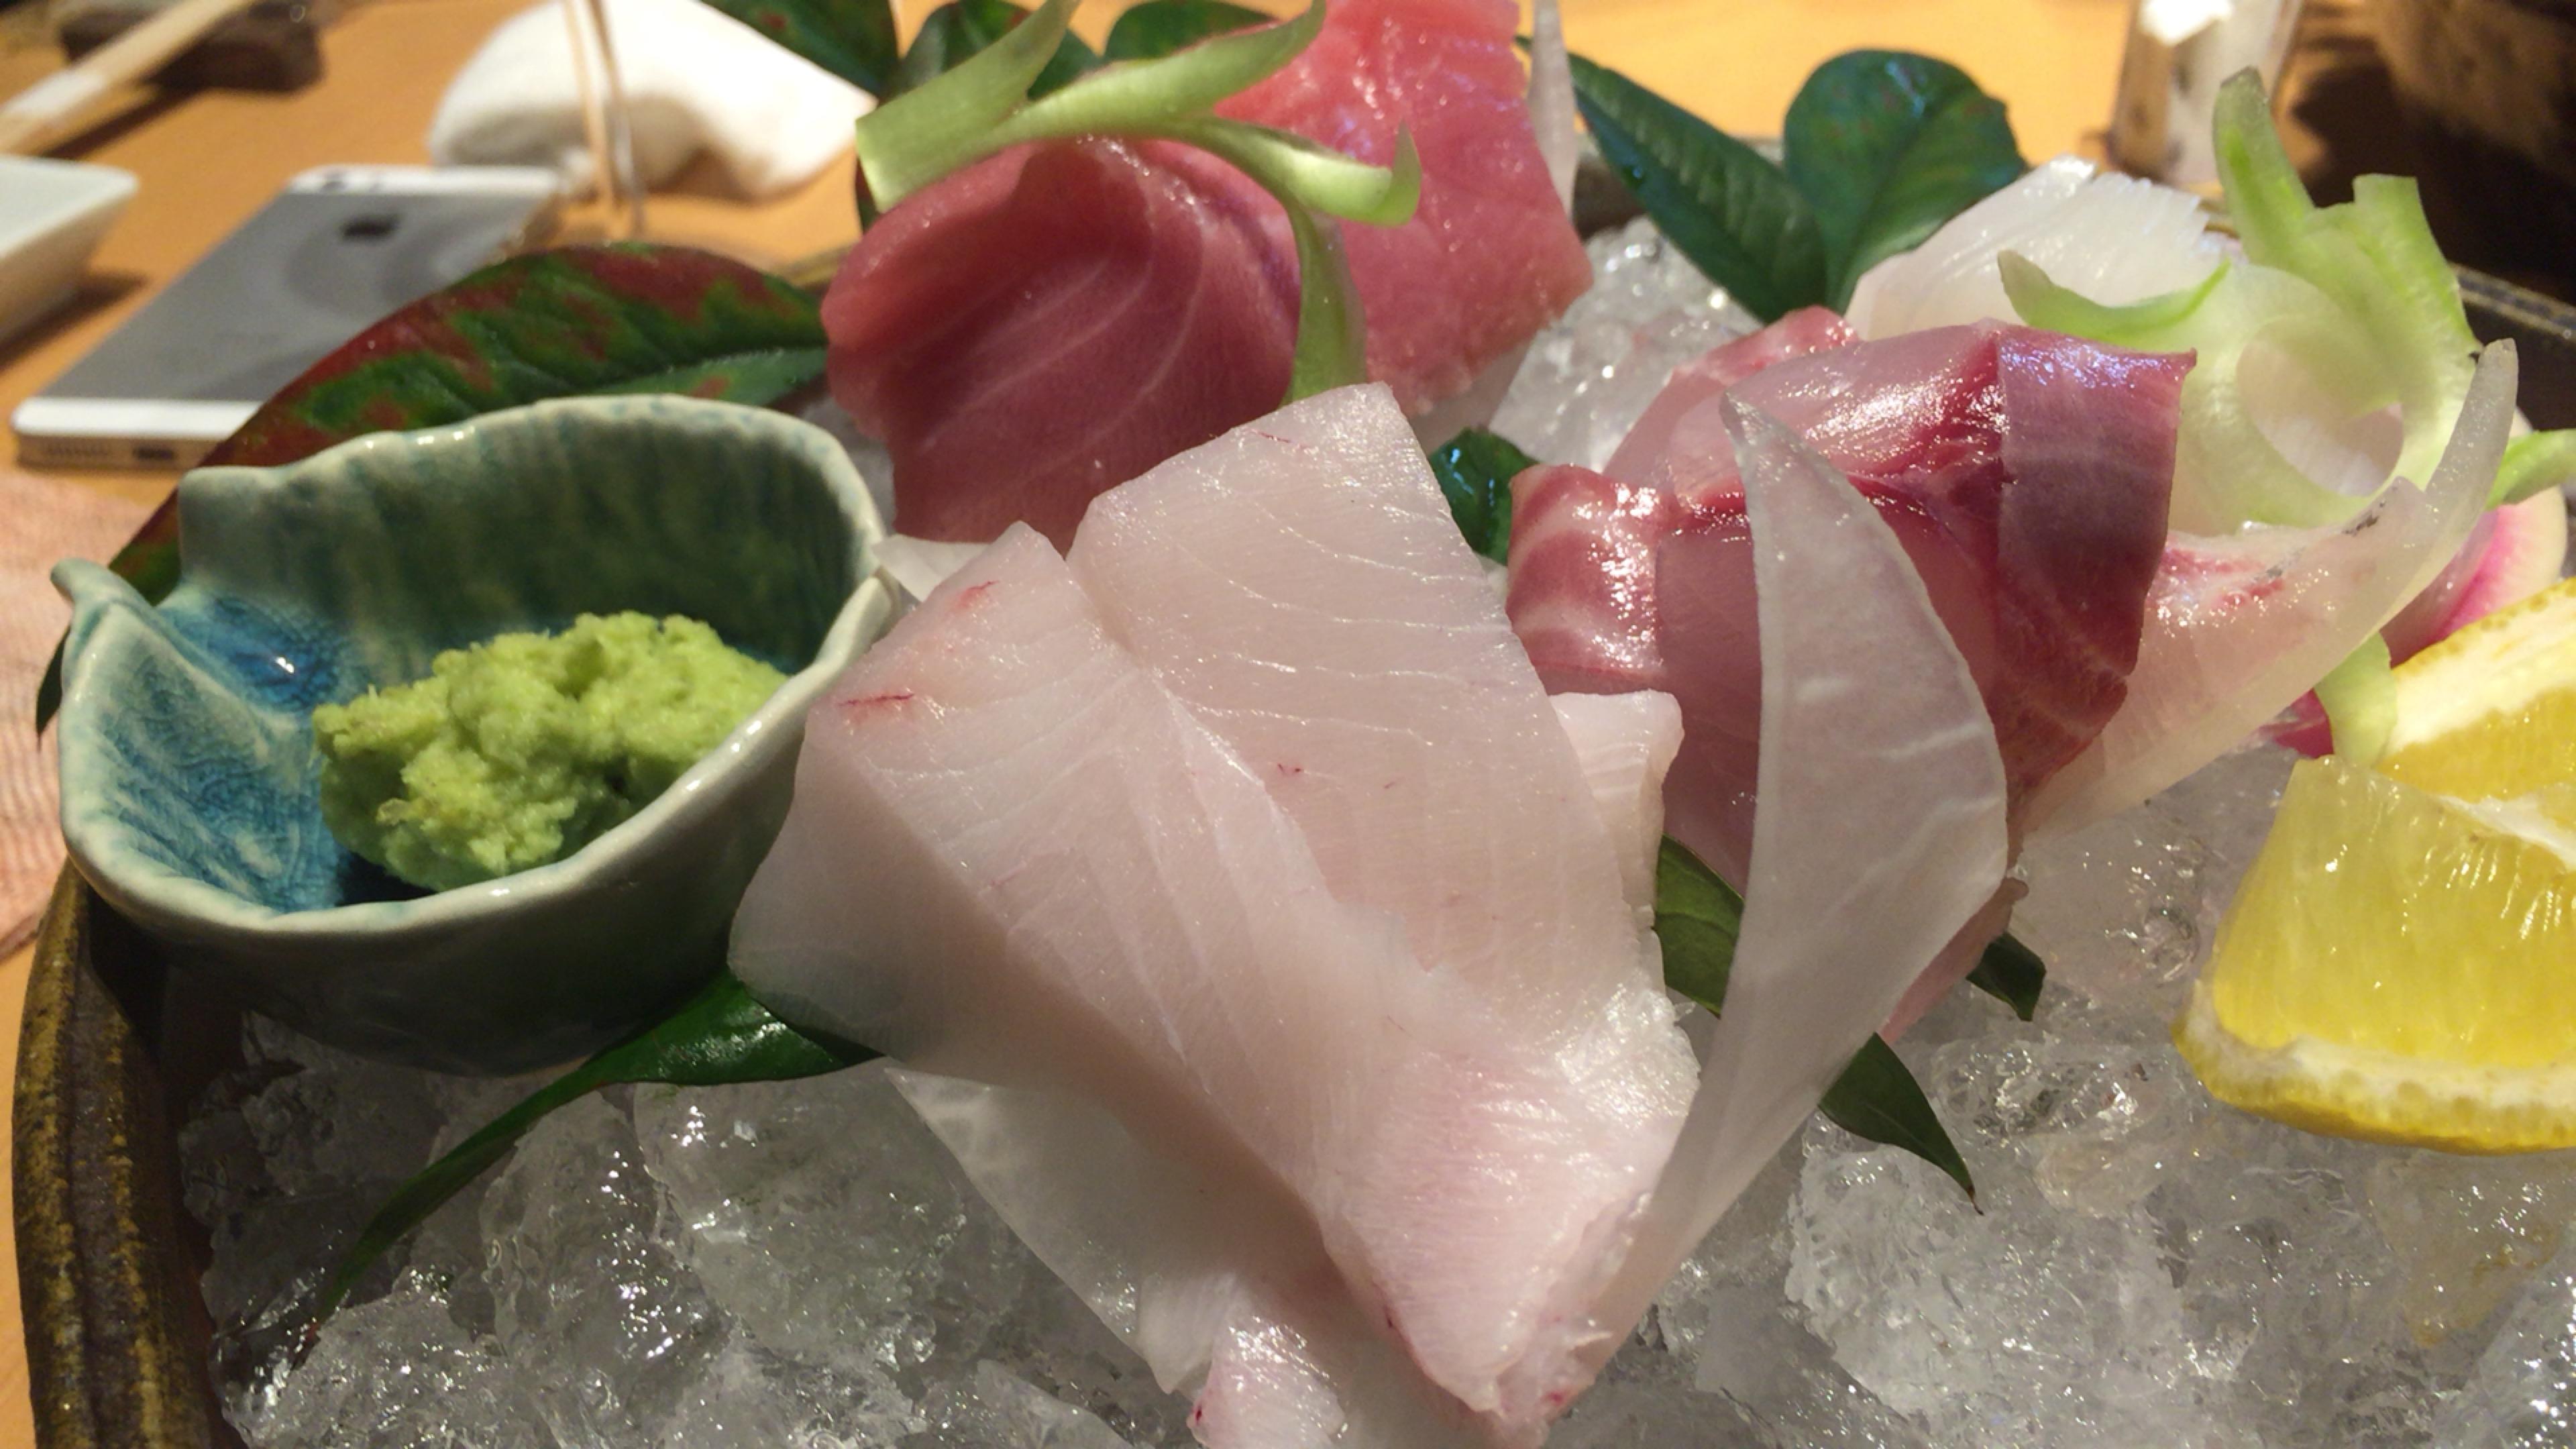 大阪ミナミの宗衛門町にある小料理・割烹『旬草hide』お造り盛り合わせ